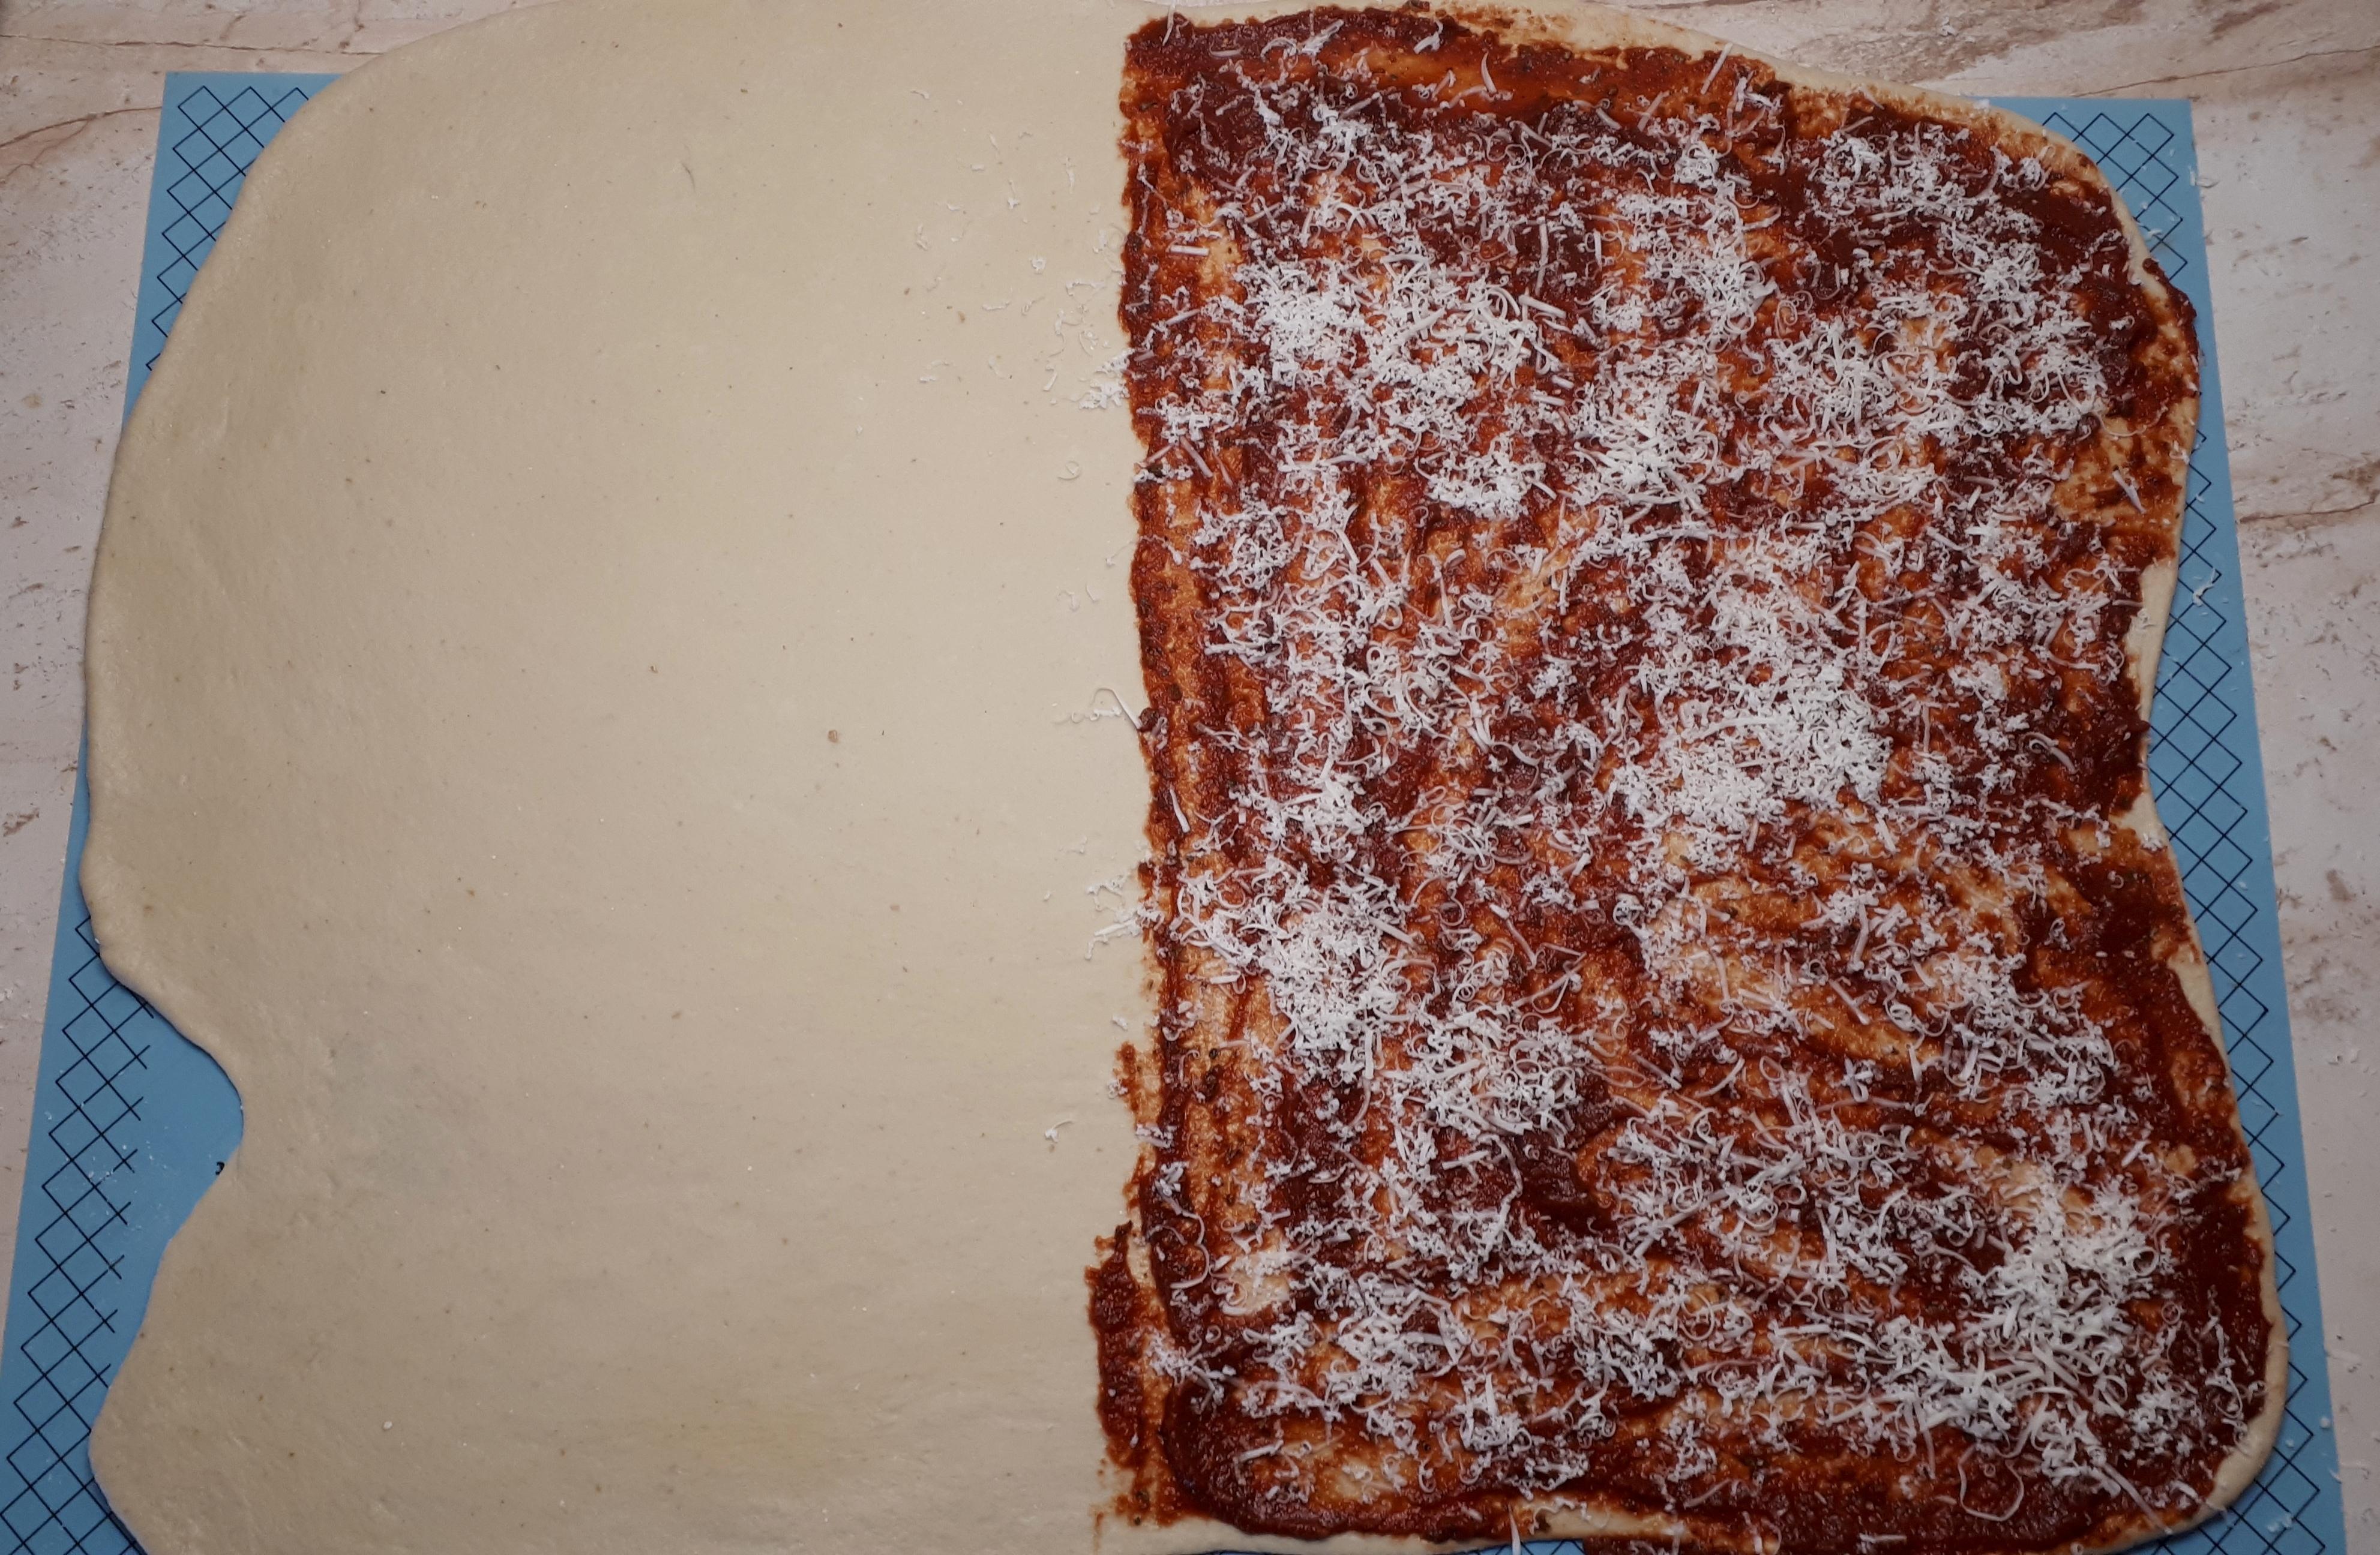 Szénhidrátcsökkentett diétás pizzás csavart, pizzás twister Dia Wellness szénhidrátcsökkentett lisztből, fehér liszt nélkül